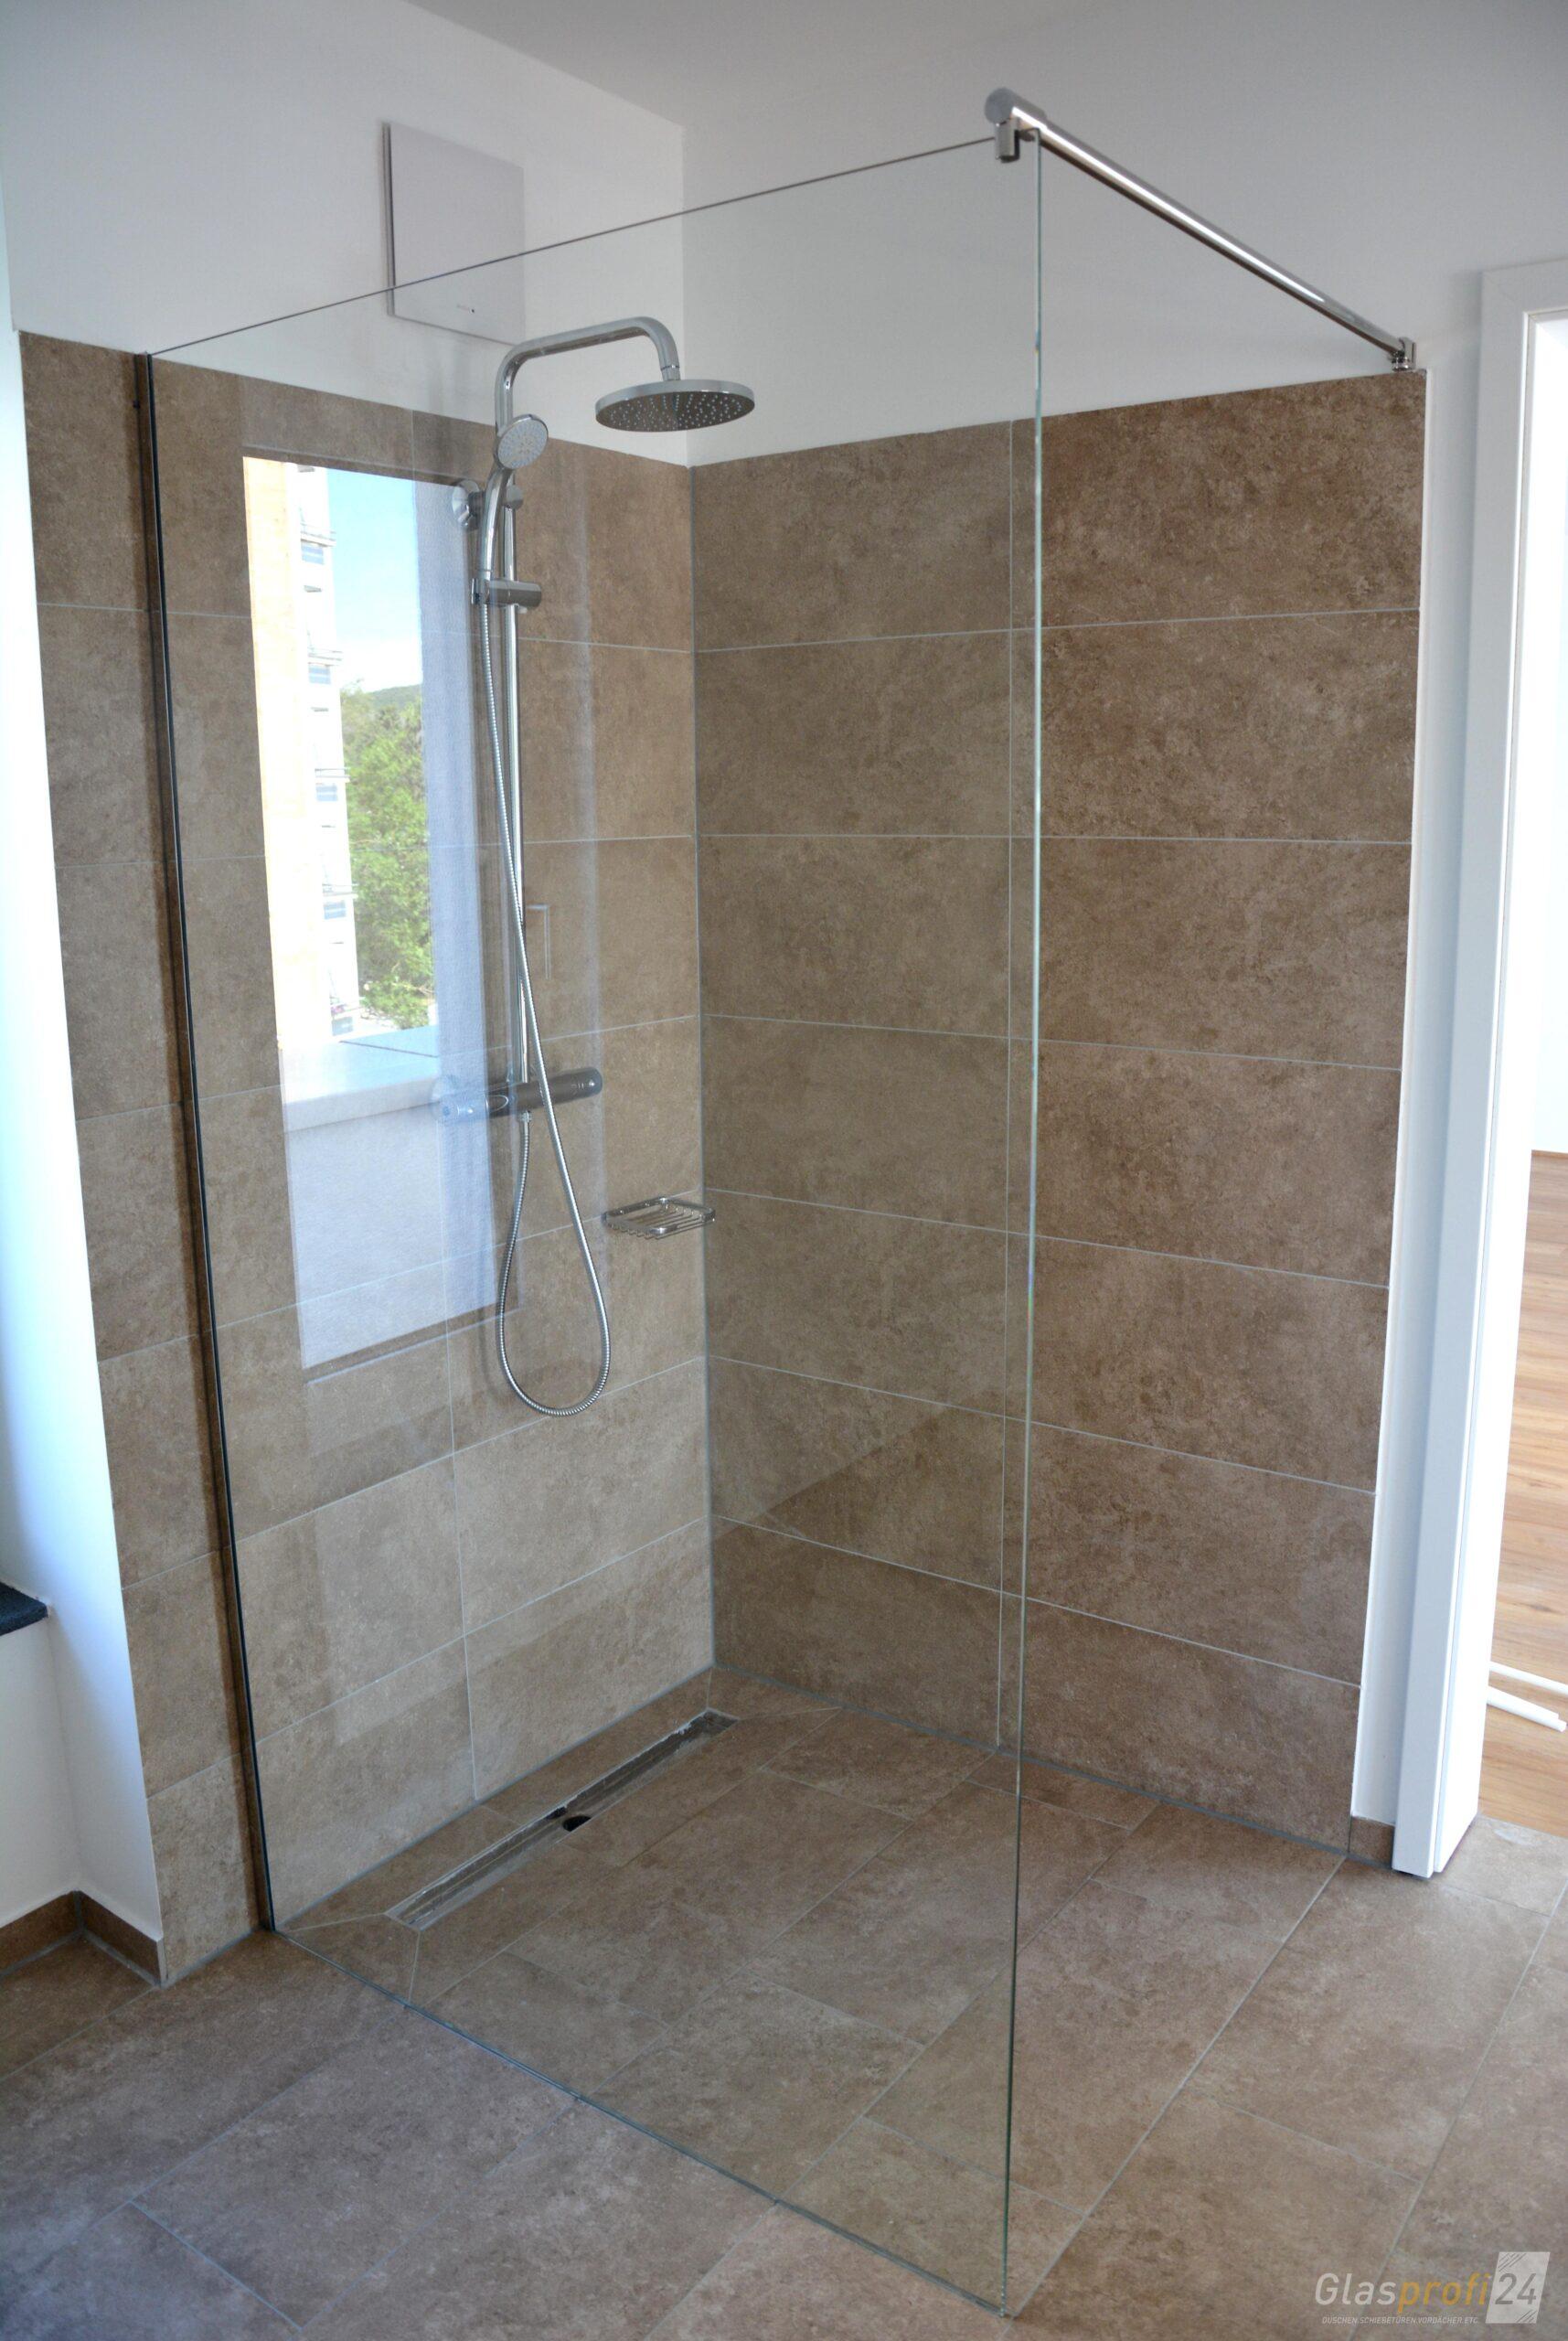 Full Size of Dusche Nischentür Eckeinstieg Bluetooth Lautsprecher Unterputz Glasabtrennung Raindance Badewanne 90x90 Bodengleiche Nachträglich Einbauen Grohe Thermostat Dusche Glastrennwand Dusche